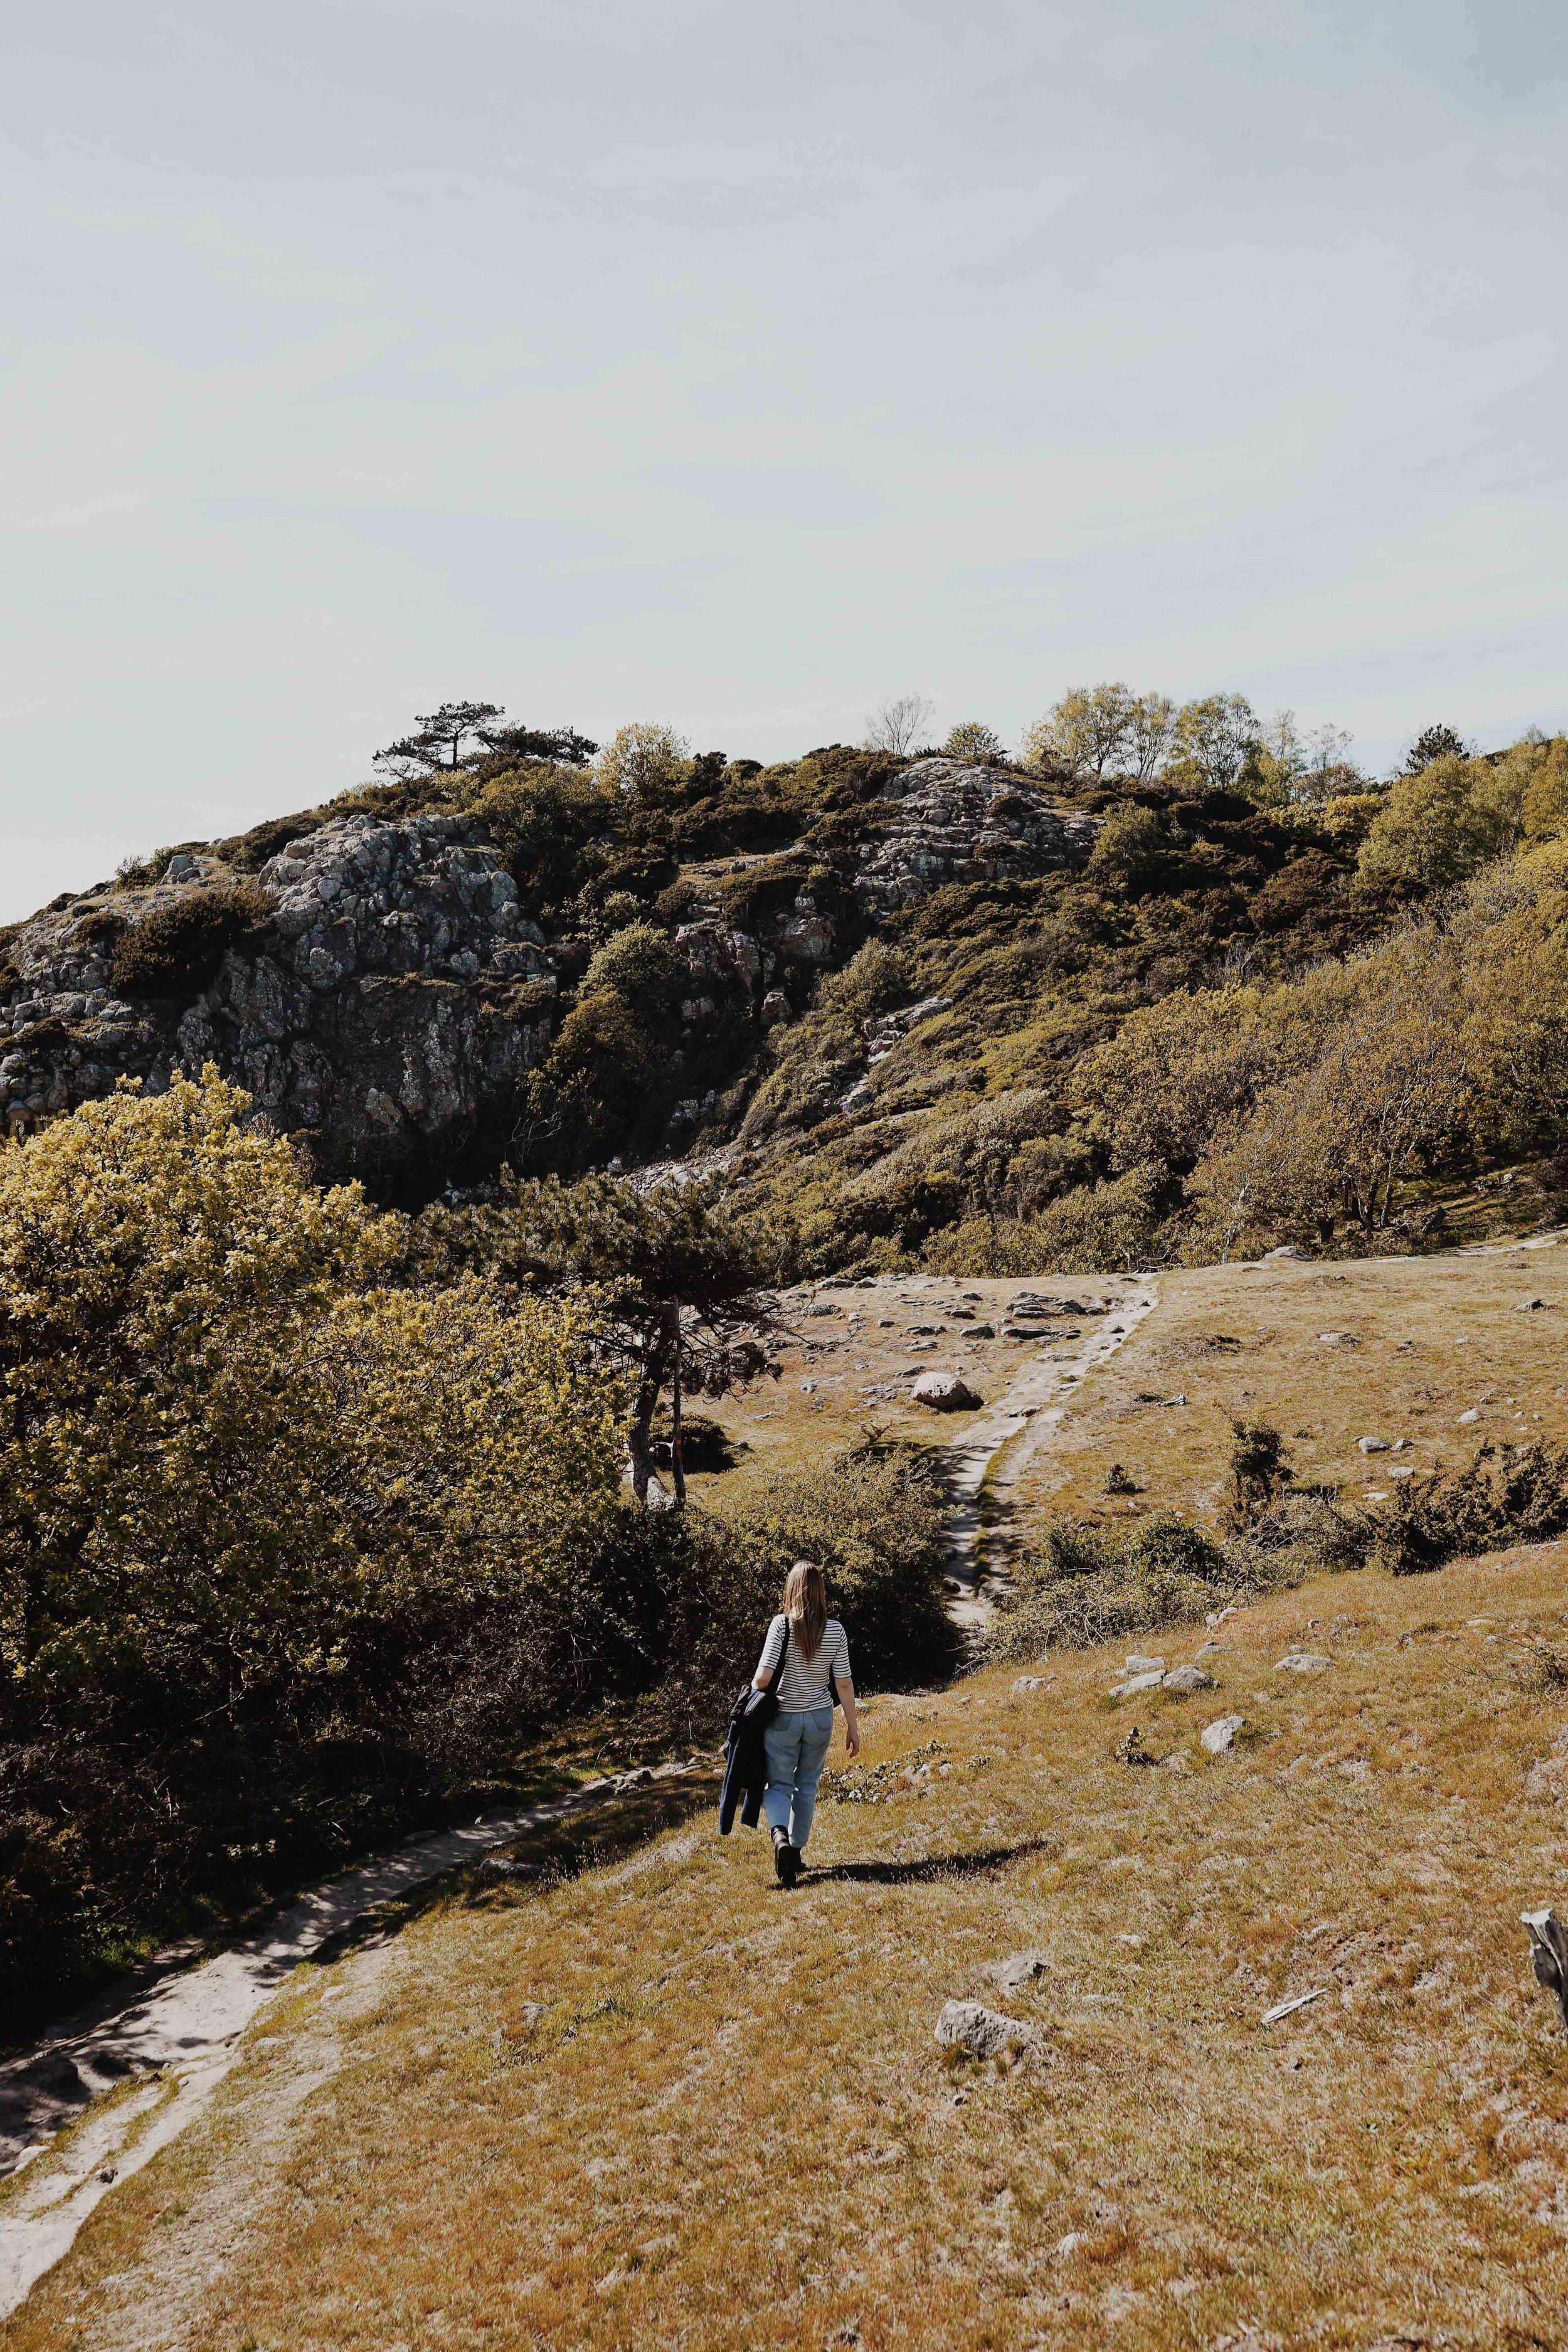 ASROSENVINGE_VisitSkane_Sweden_Molle_Kullaberg_Hiking_LowRes-113.jpg